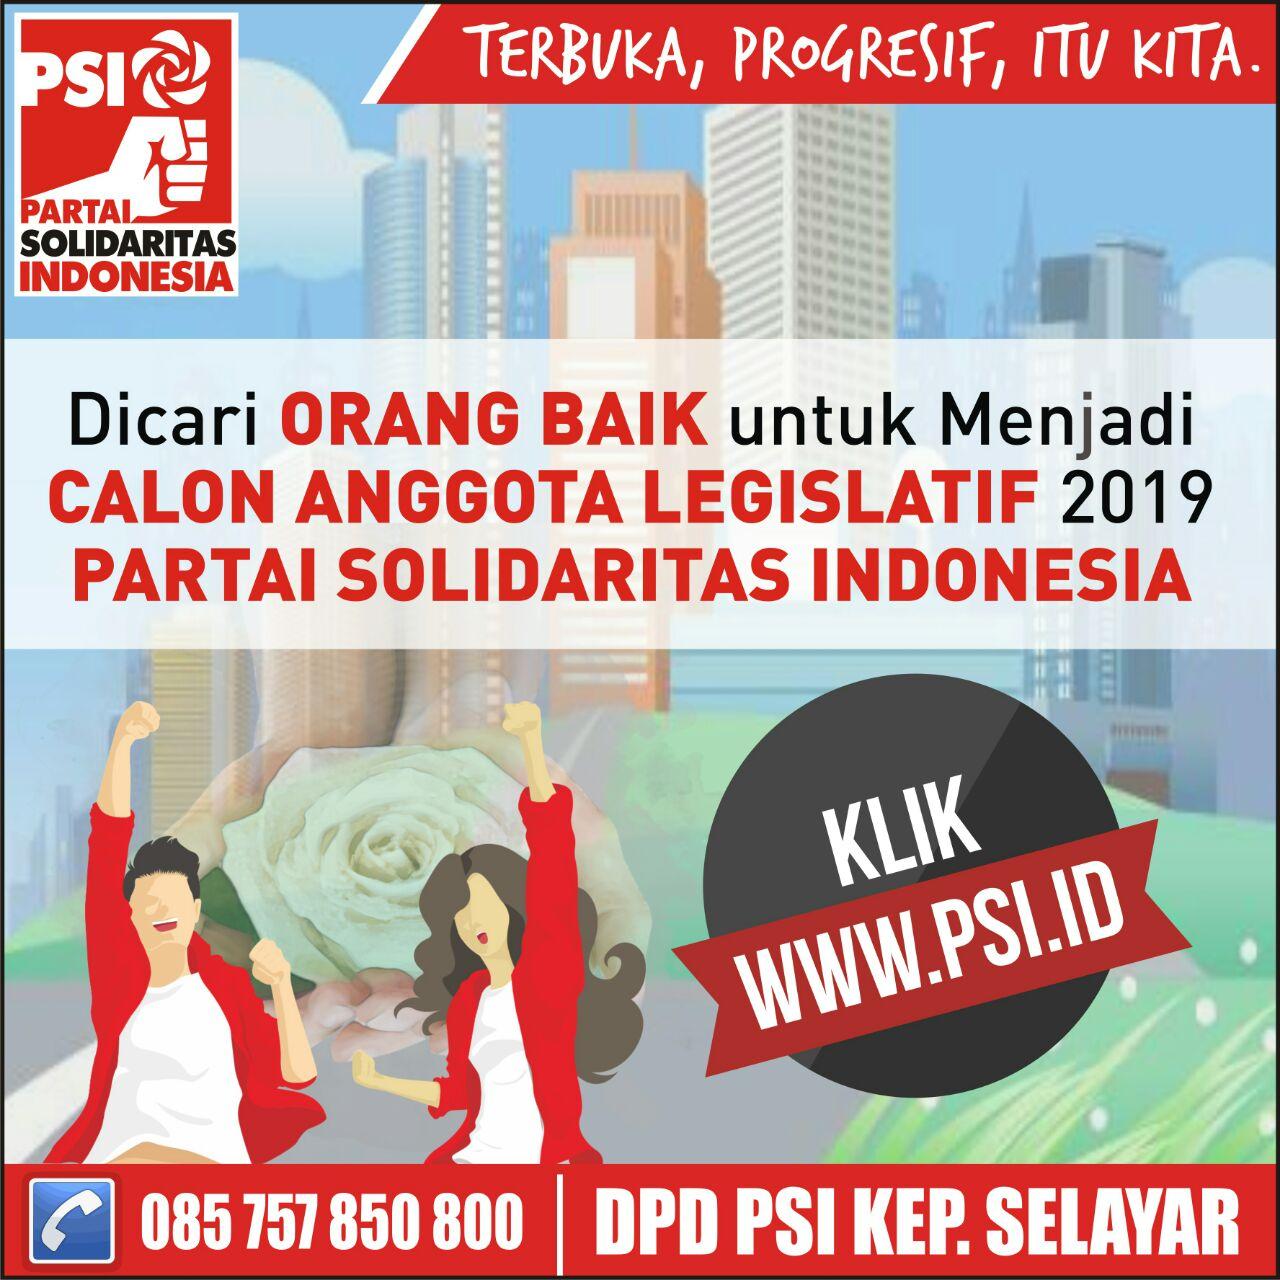 Partai Solidaritas Indonesia (PSI) Selayar Membuka Penjaringan Calon Legislatif